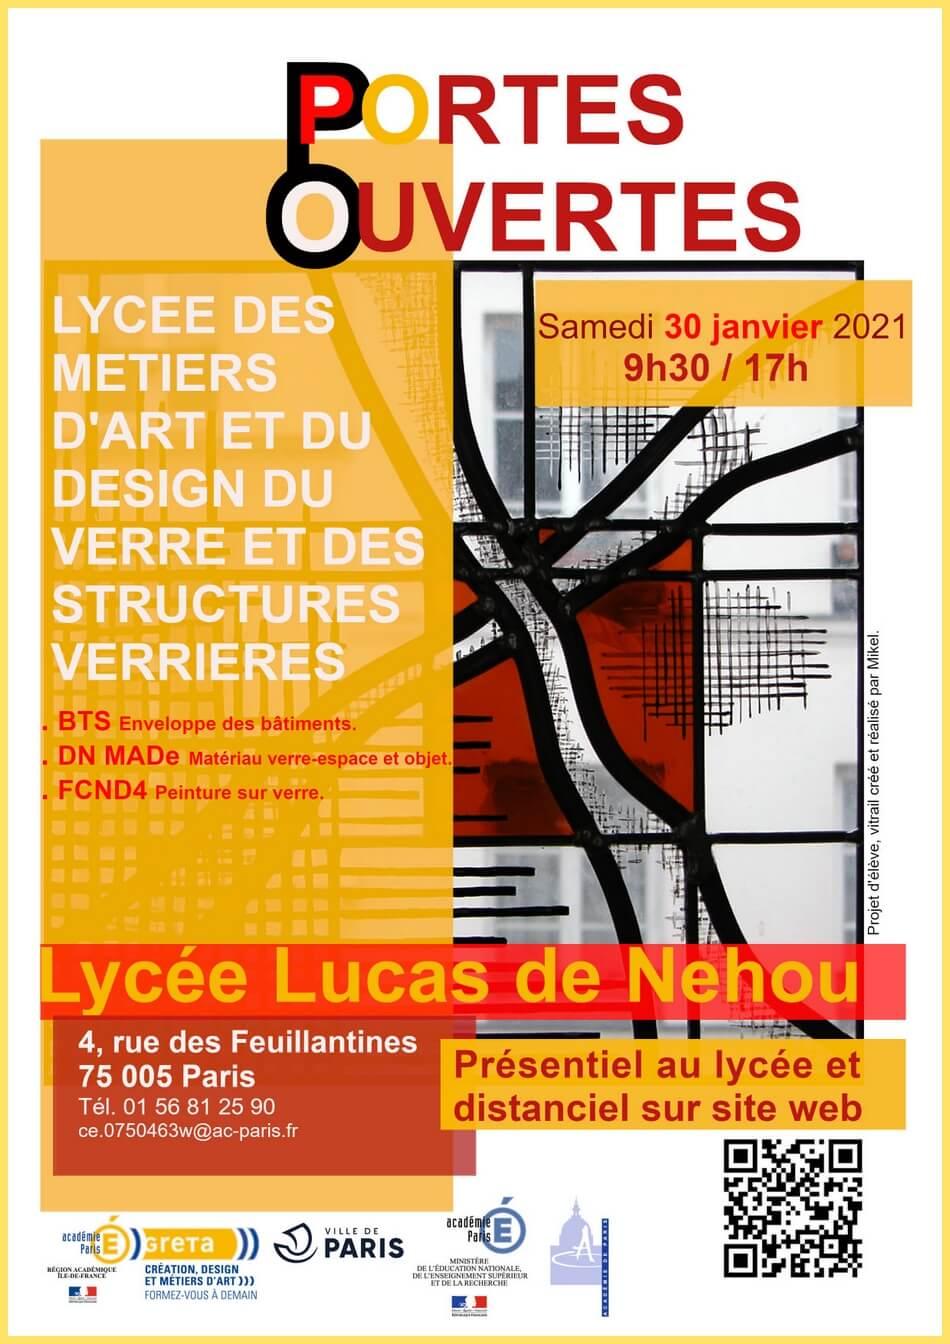 Lycée Lucas de Nehou JPO 2021